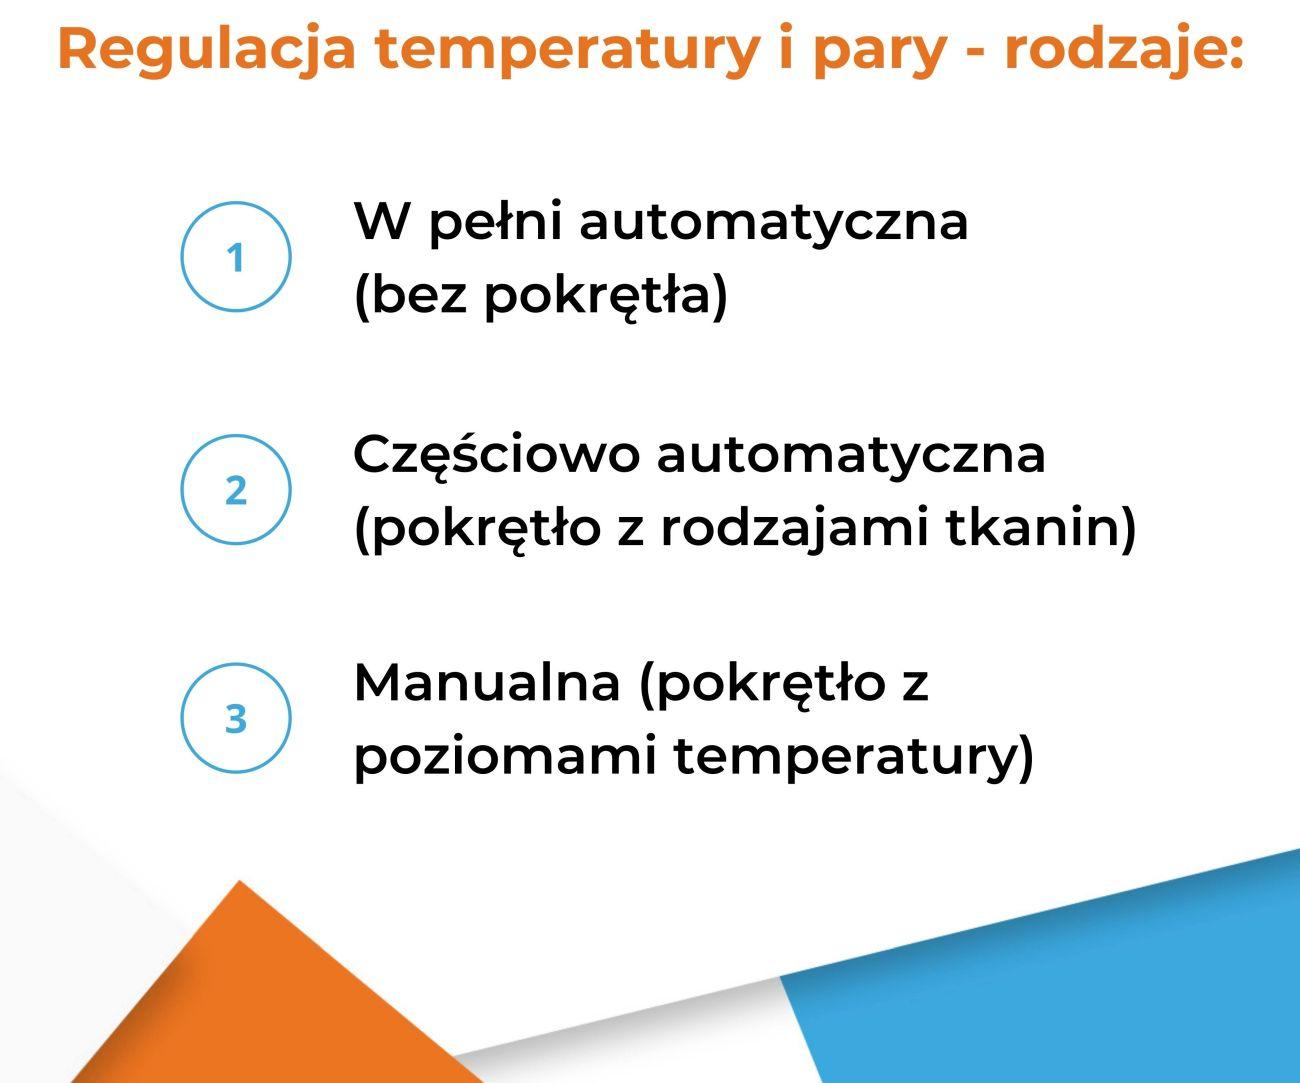 Rodzaje regulacji temperatury i pary żelazek parowych - infografika